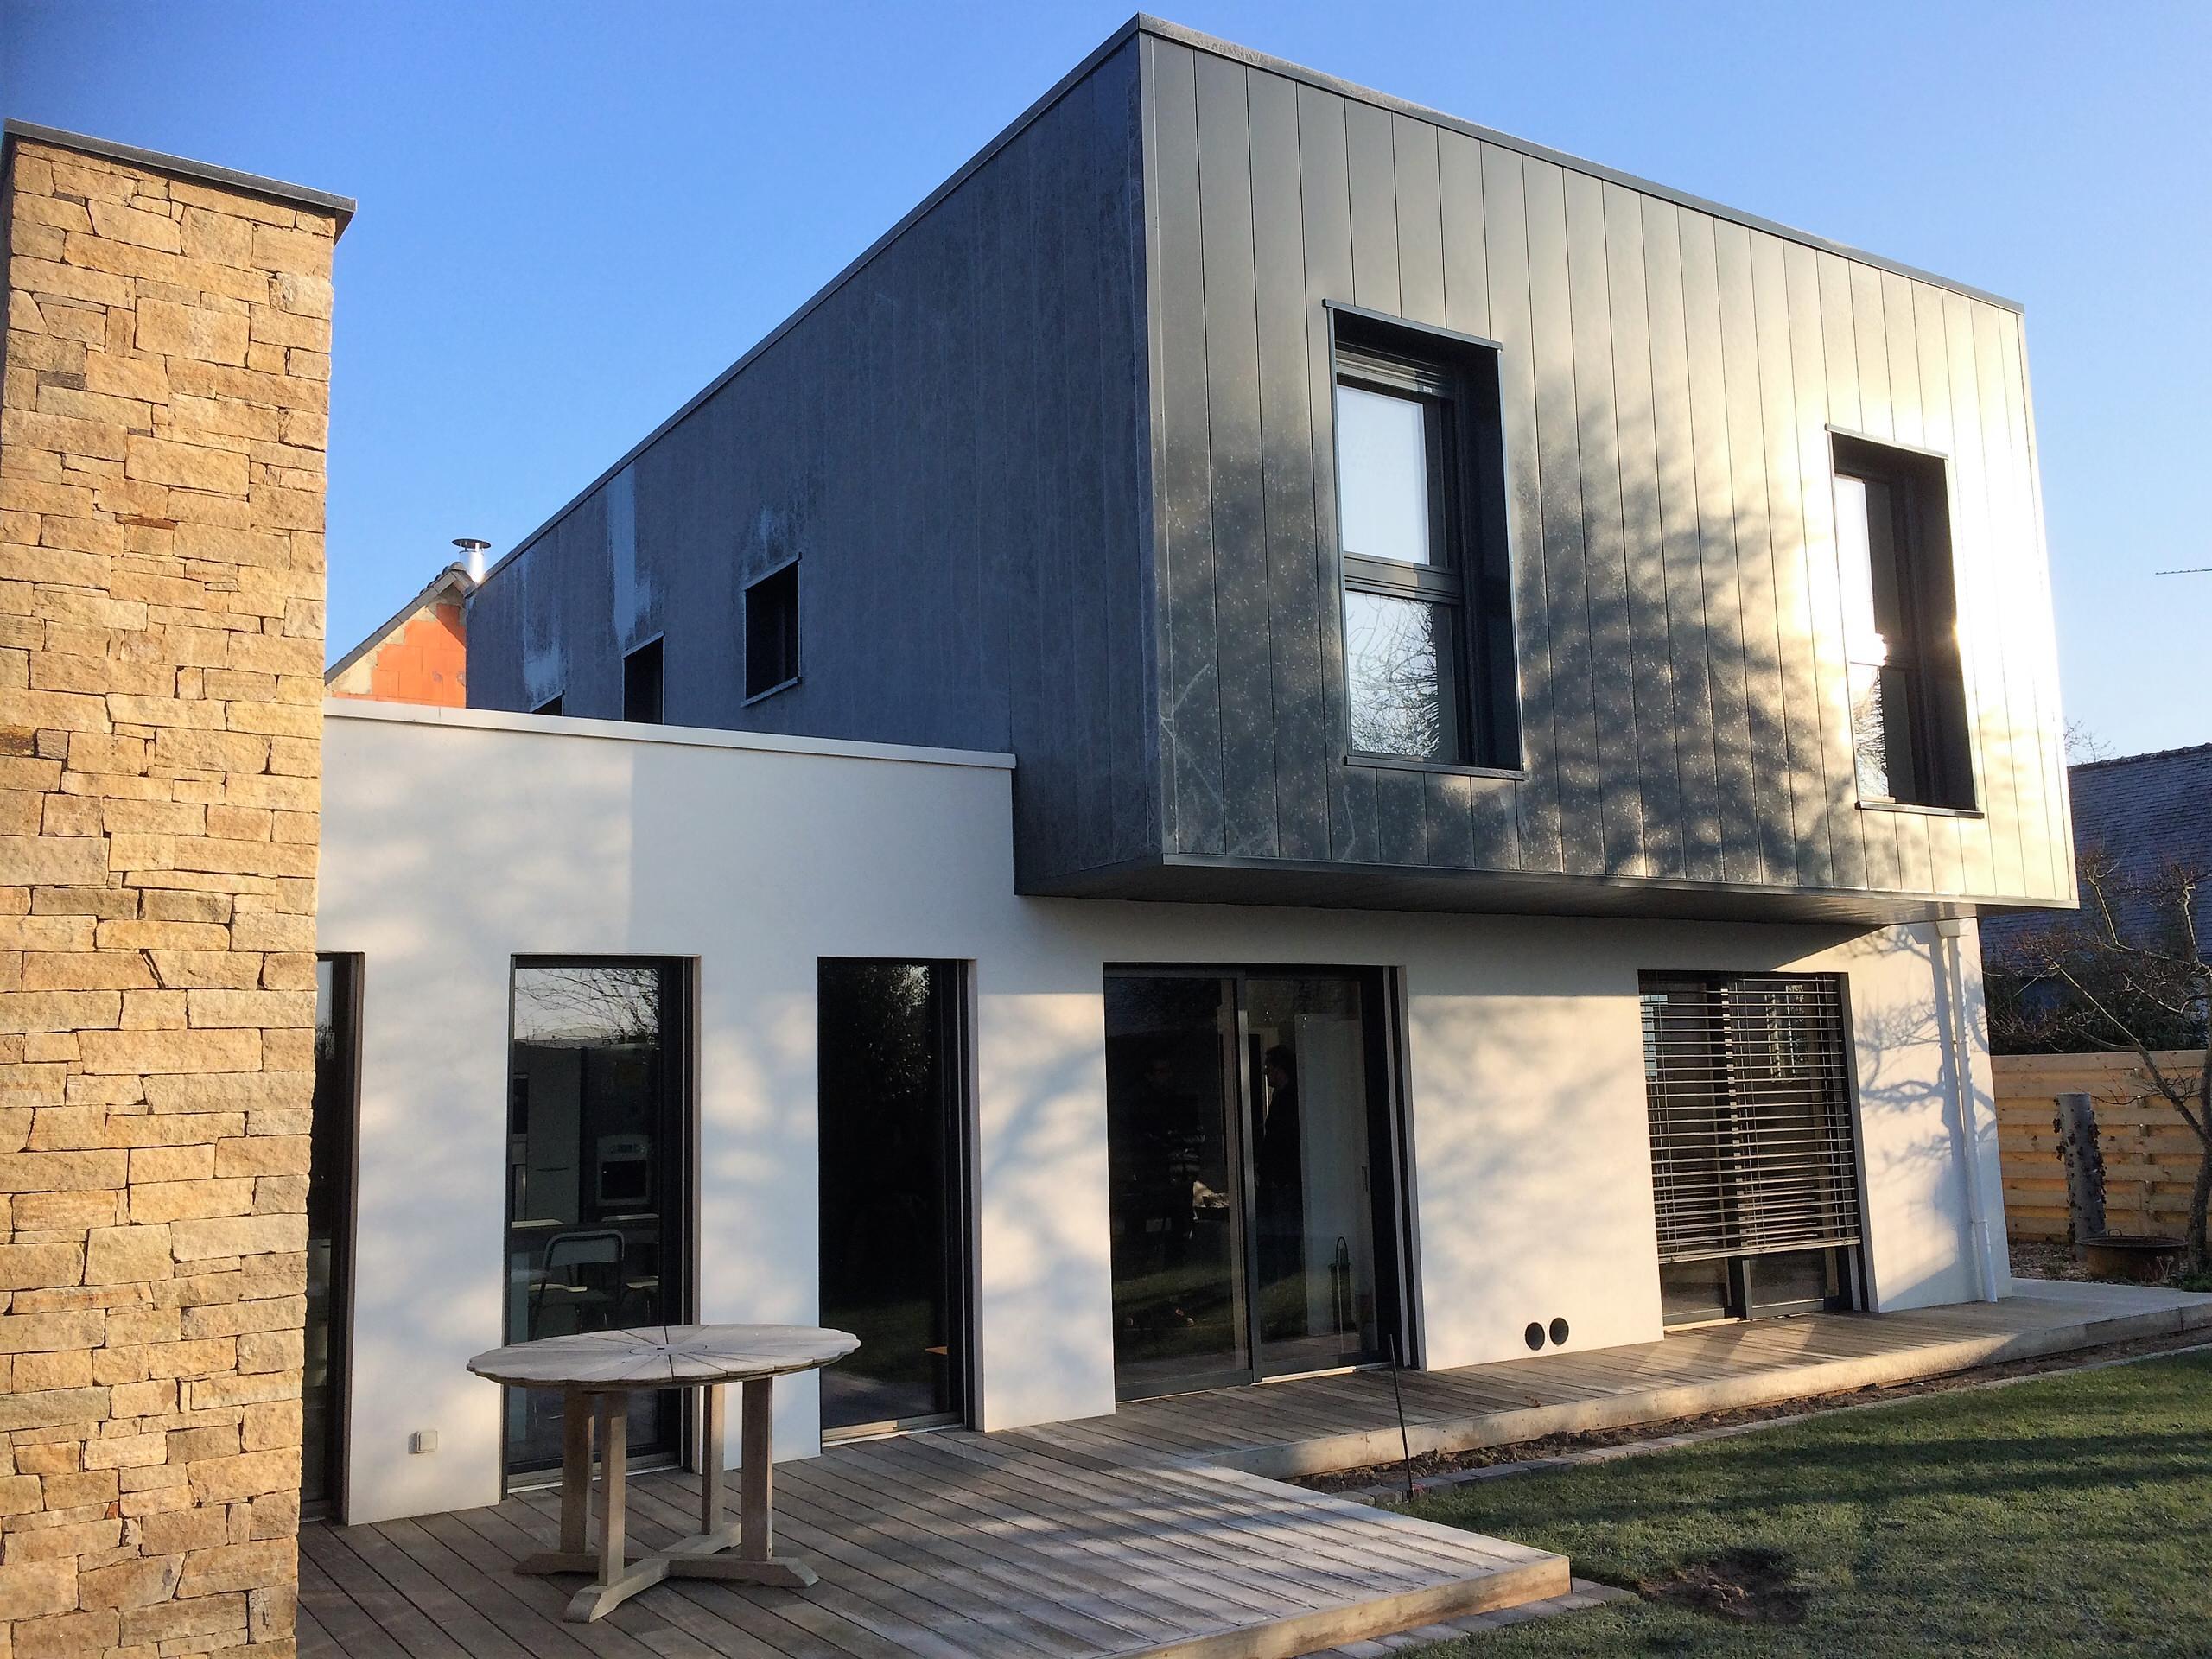 Maison contemporaine isolée par l'extérieur